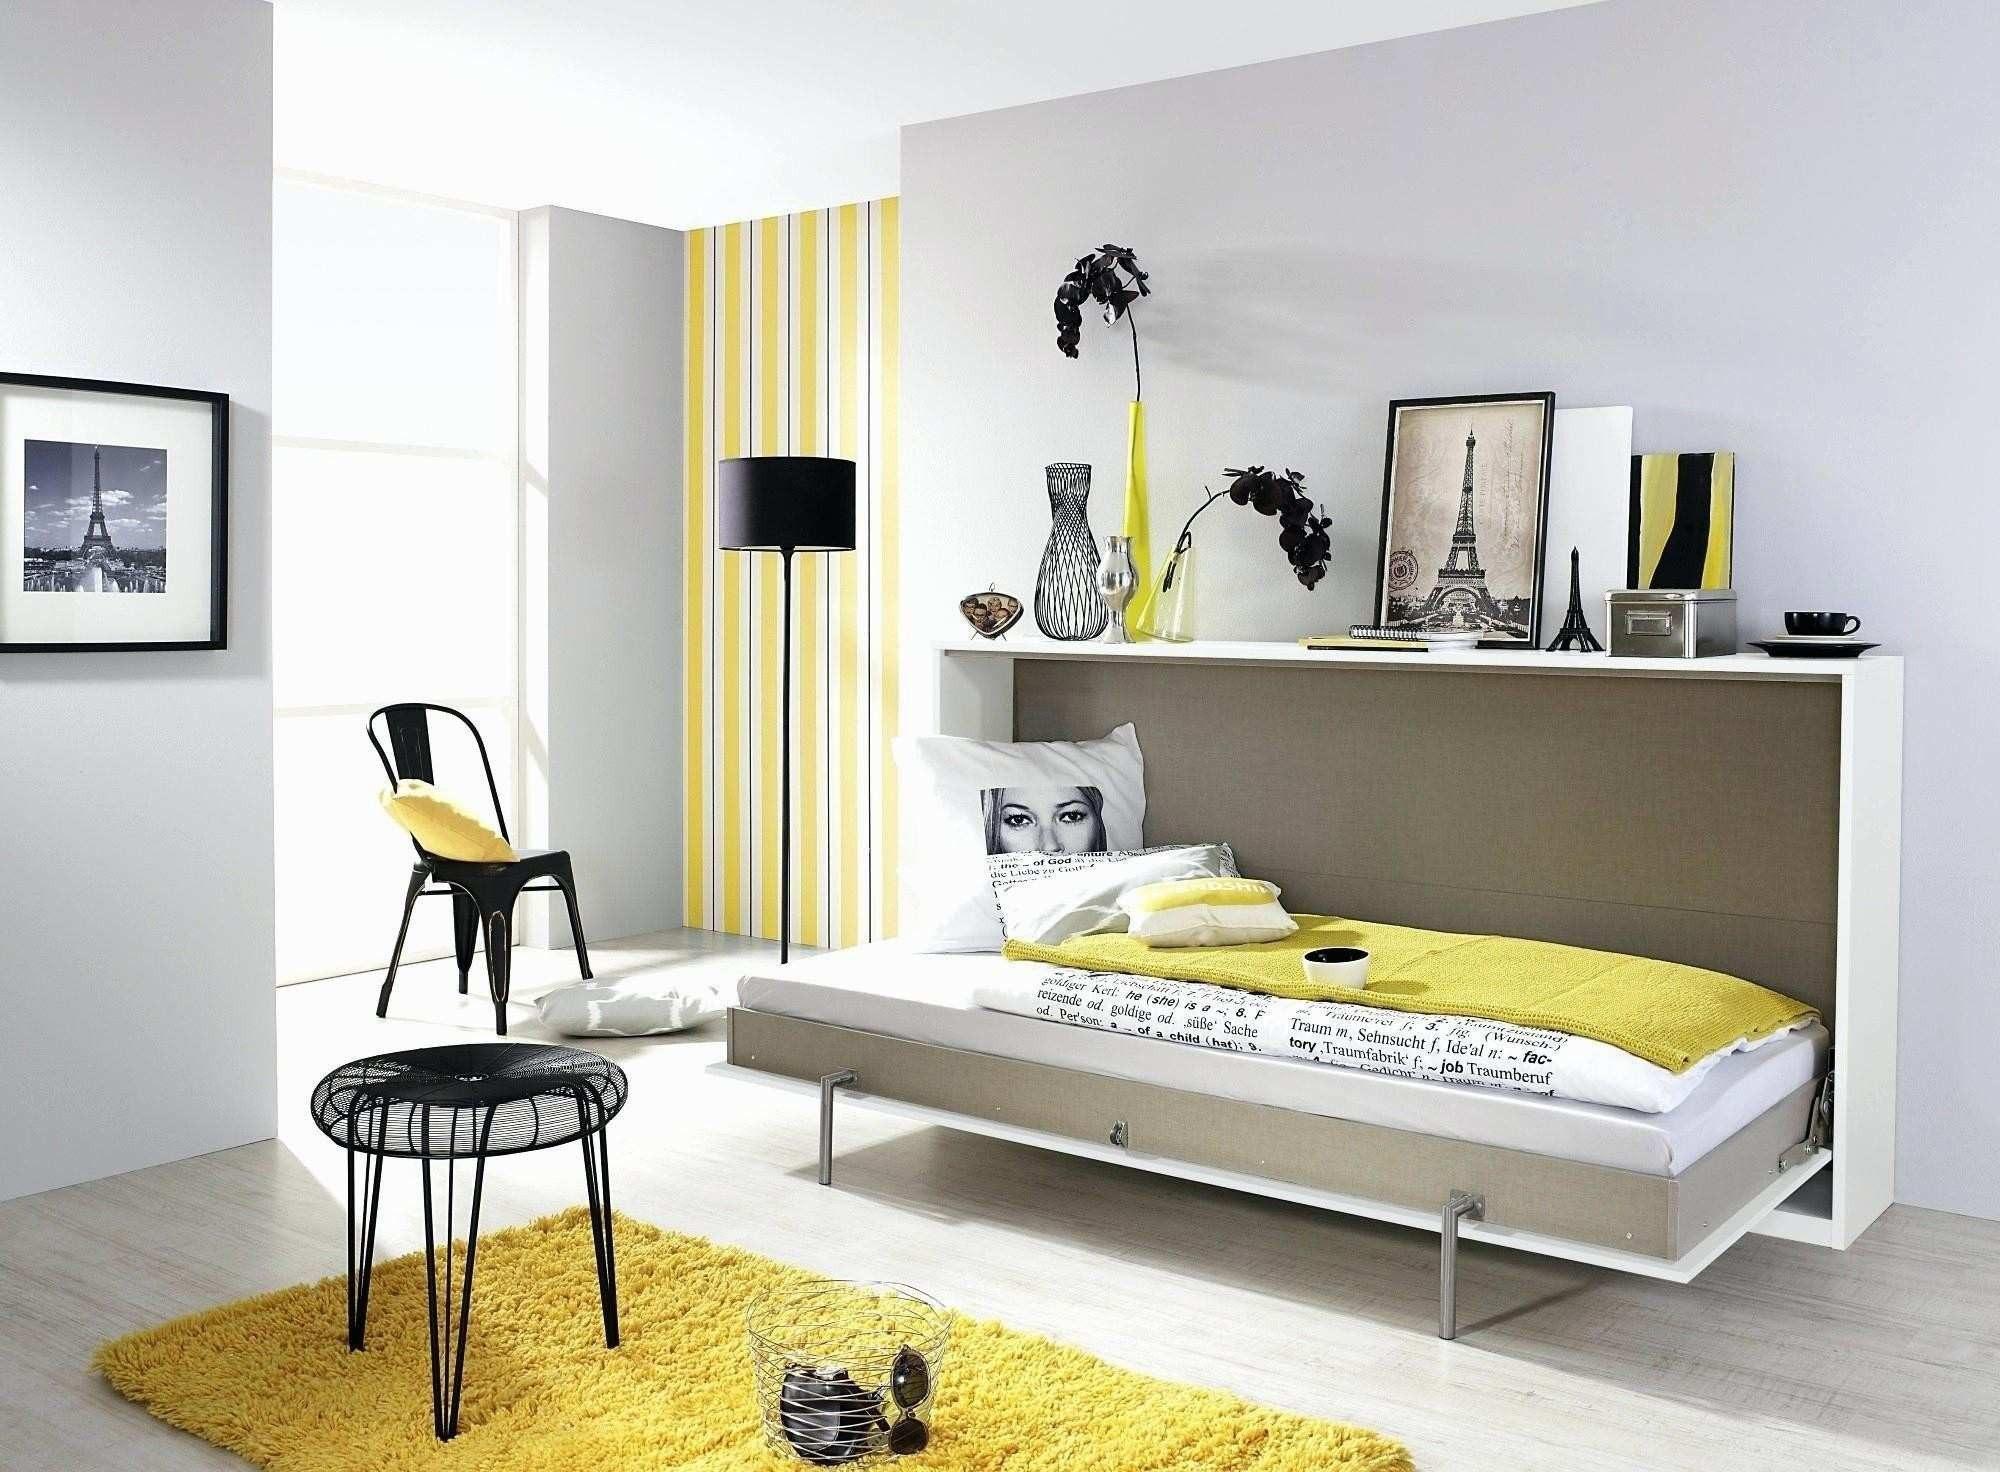 Lit Superposé Avec Tiroir Fraîche Lit Mezzanine Bureau Armoire Lit Convertible 2 Places Ikea Canape 2